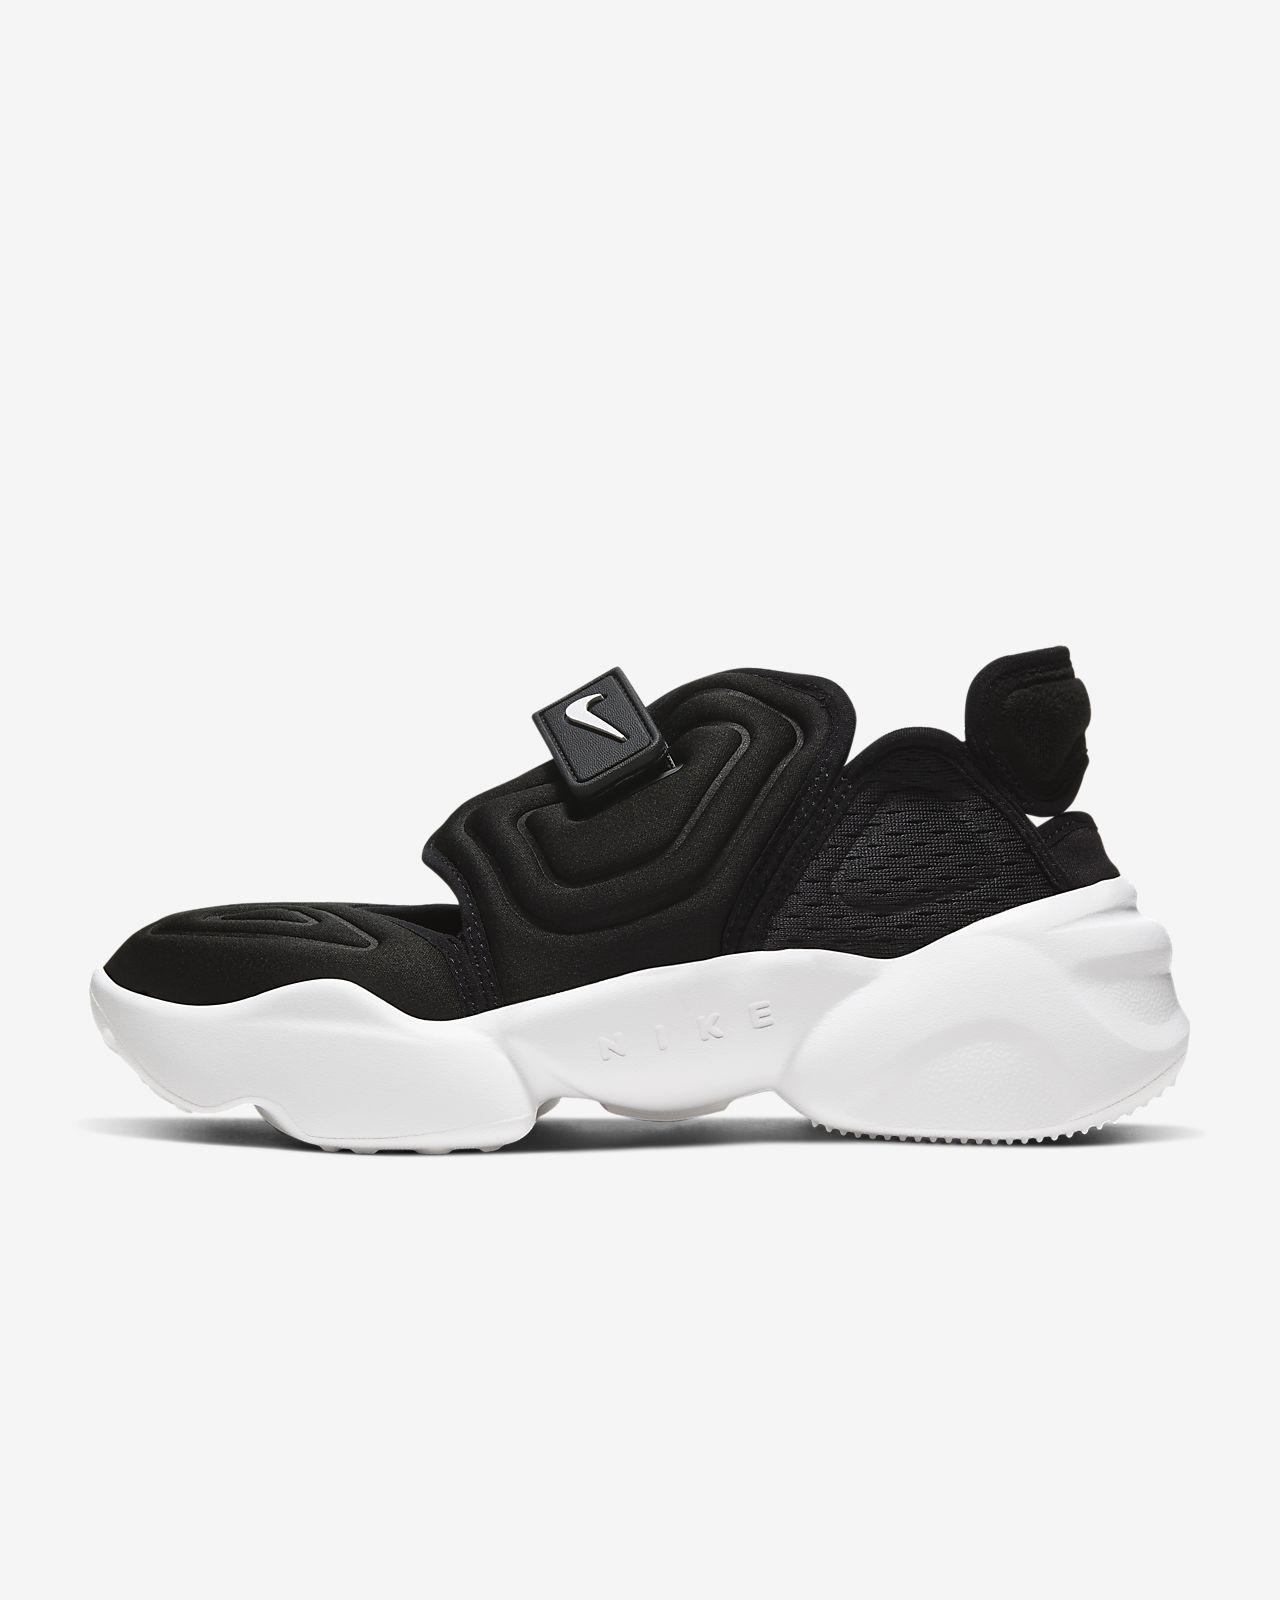 รองเท้าผู้หญิง Nike Aqua Rift